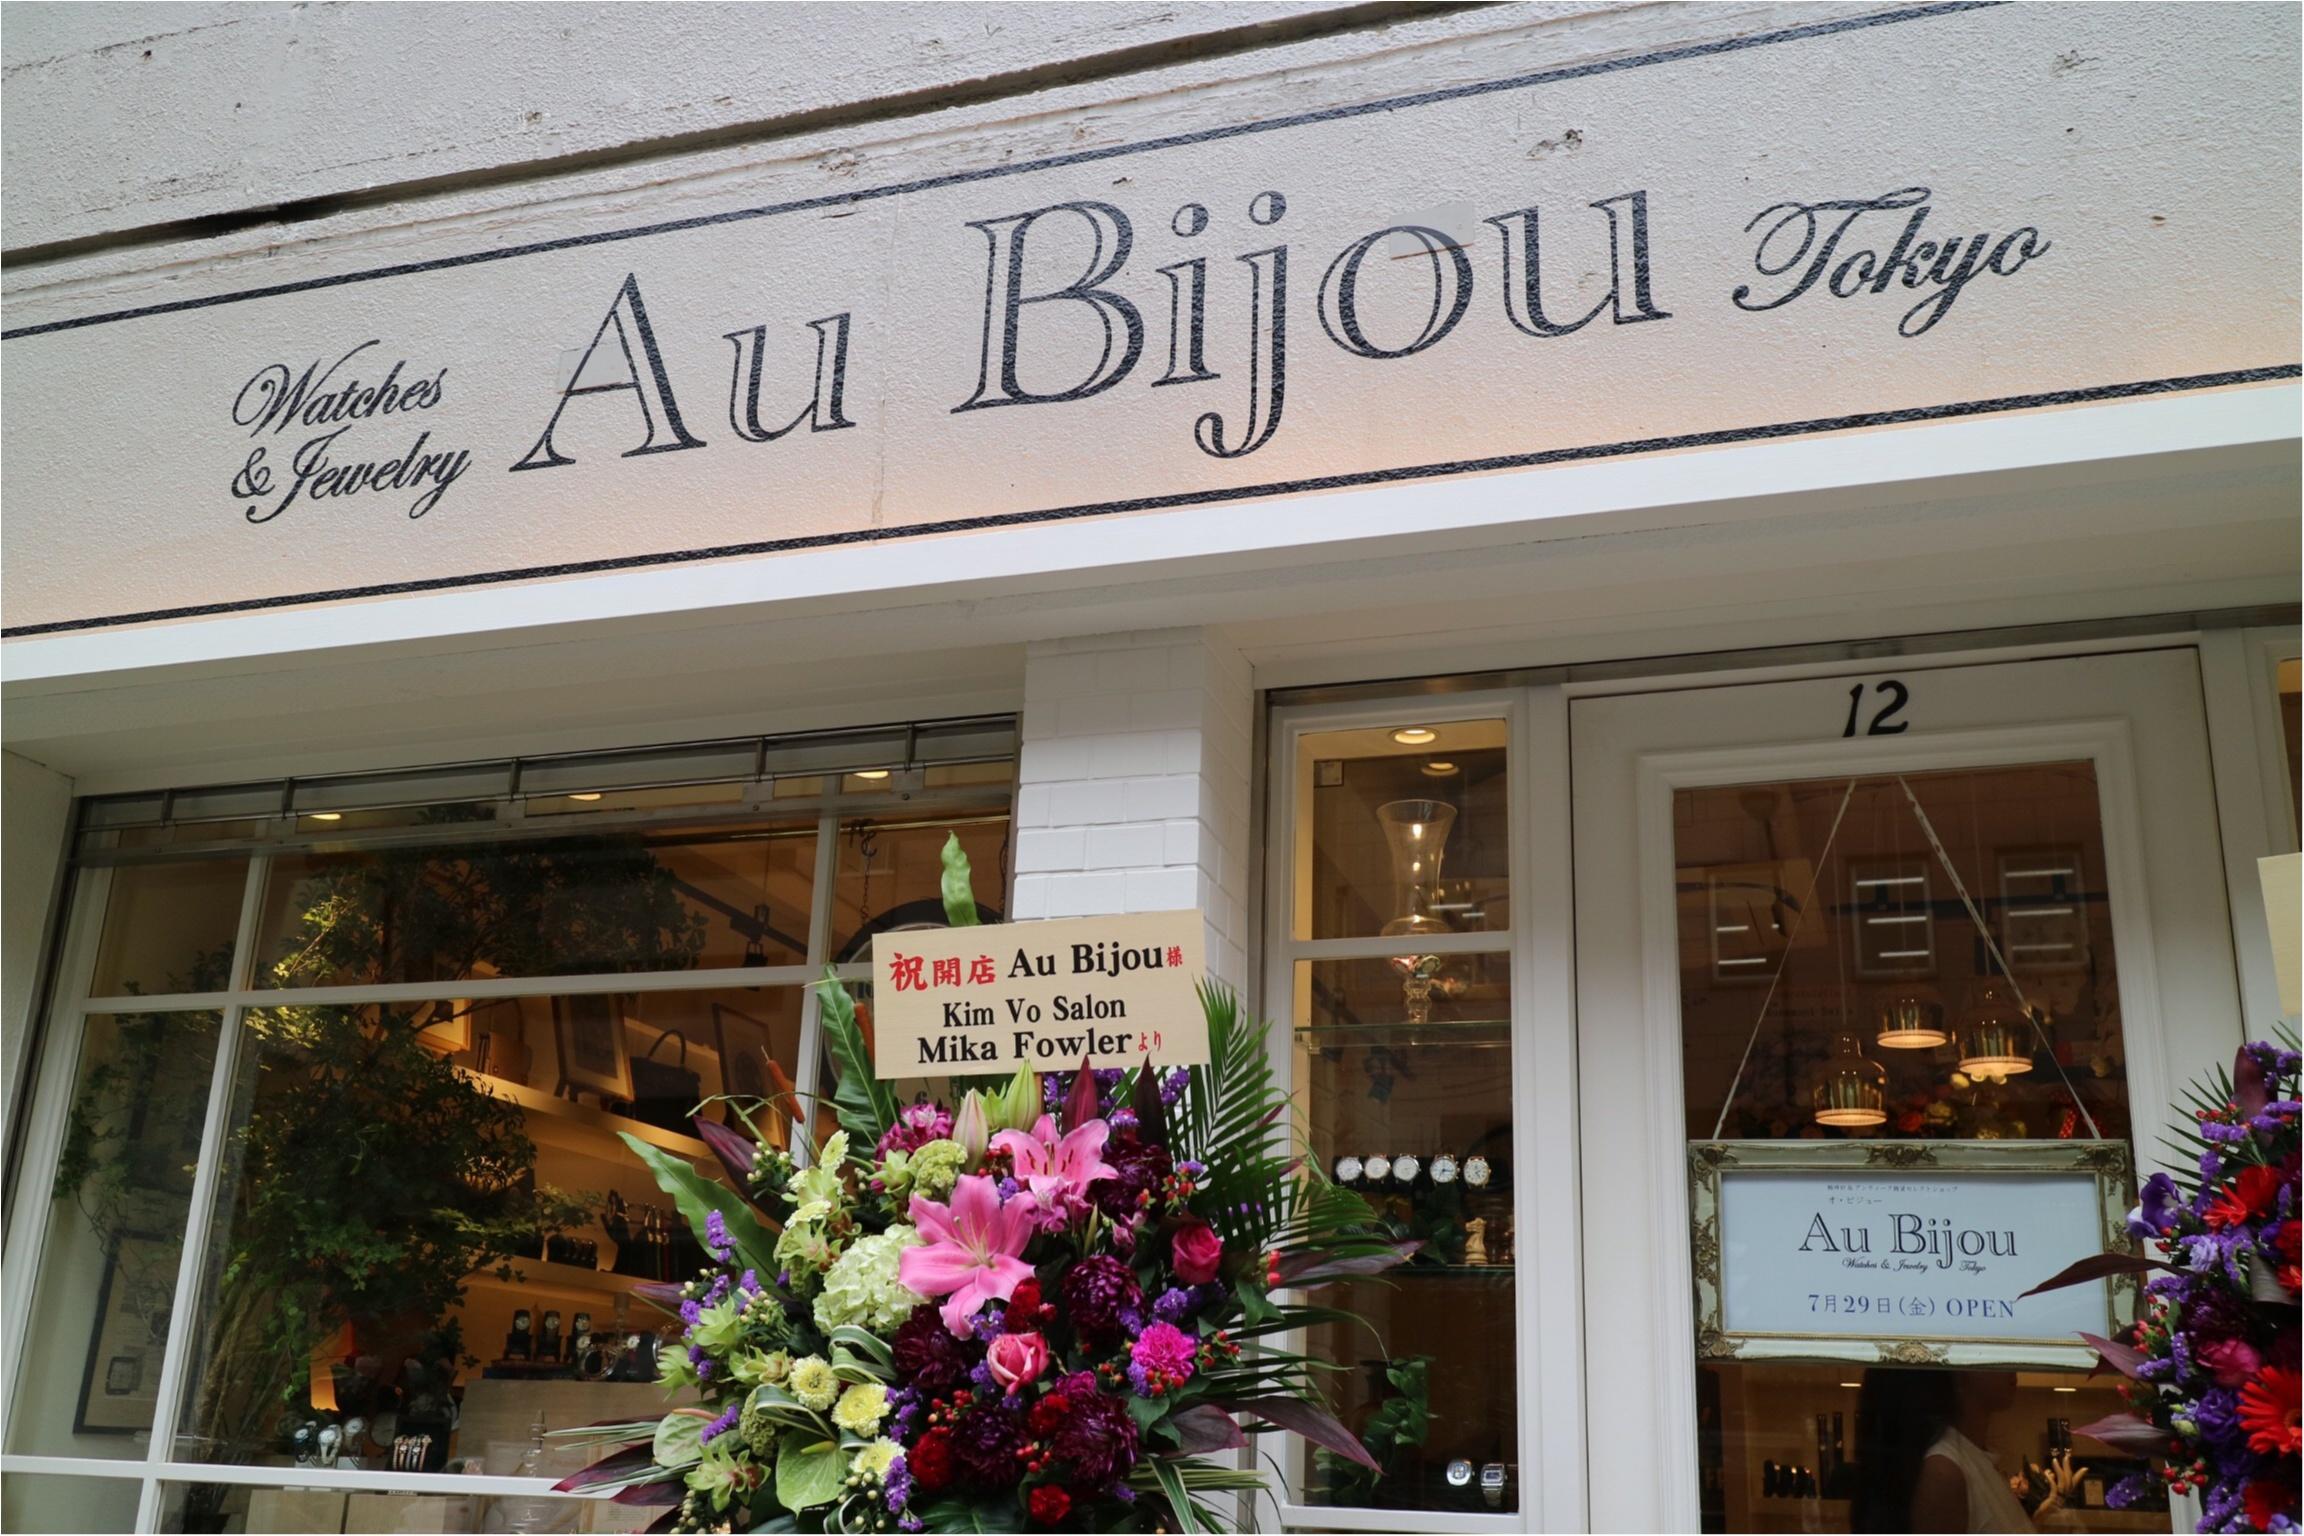 おしゃれサロンでウォッチ探し♡ 恵比寿に登場した『Au Bijou』がステキすぎる!_1